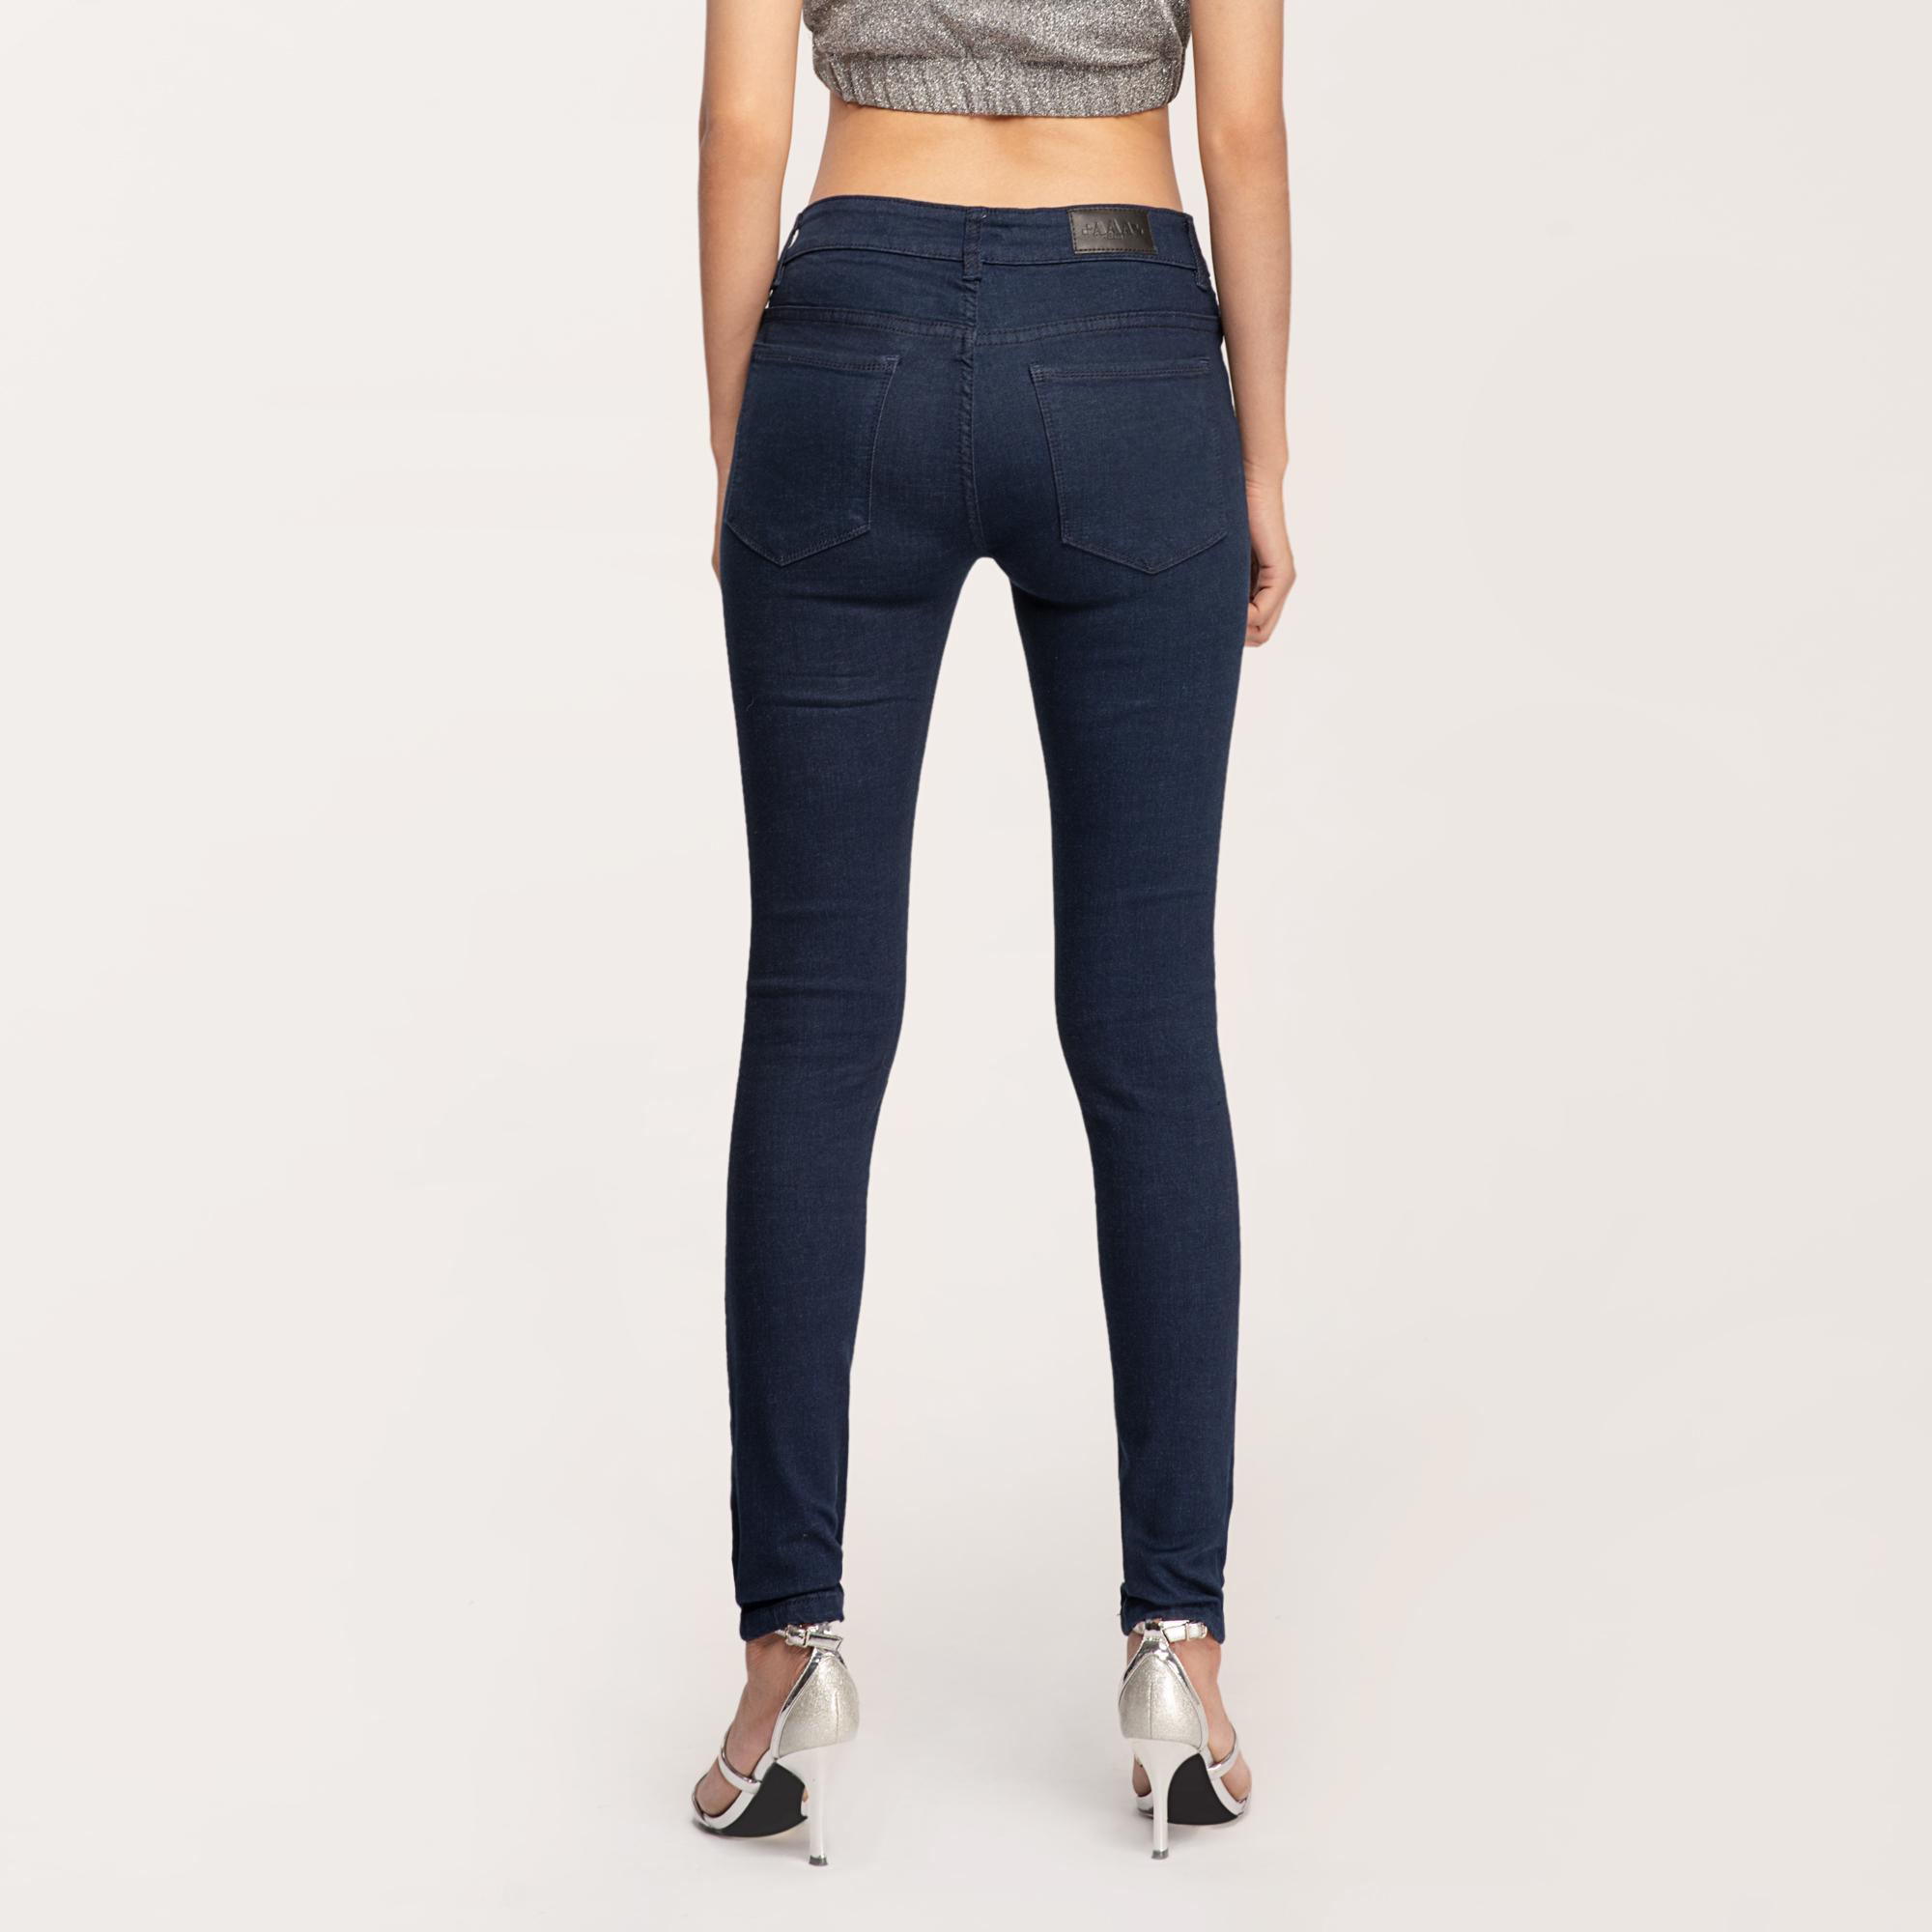 Quần Jean Nữ Skinny Lưng Vừa Aaa Jeans Có Nhiều Màu Size 26 - 32 20